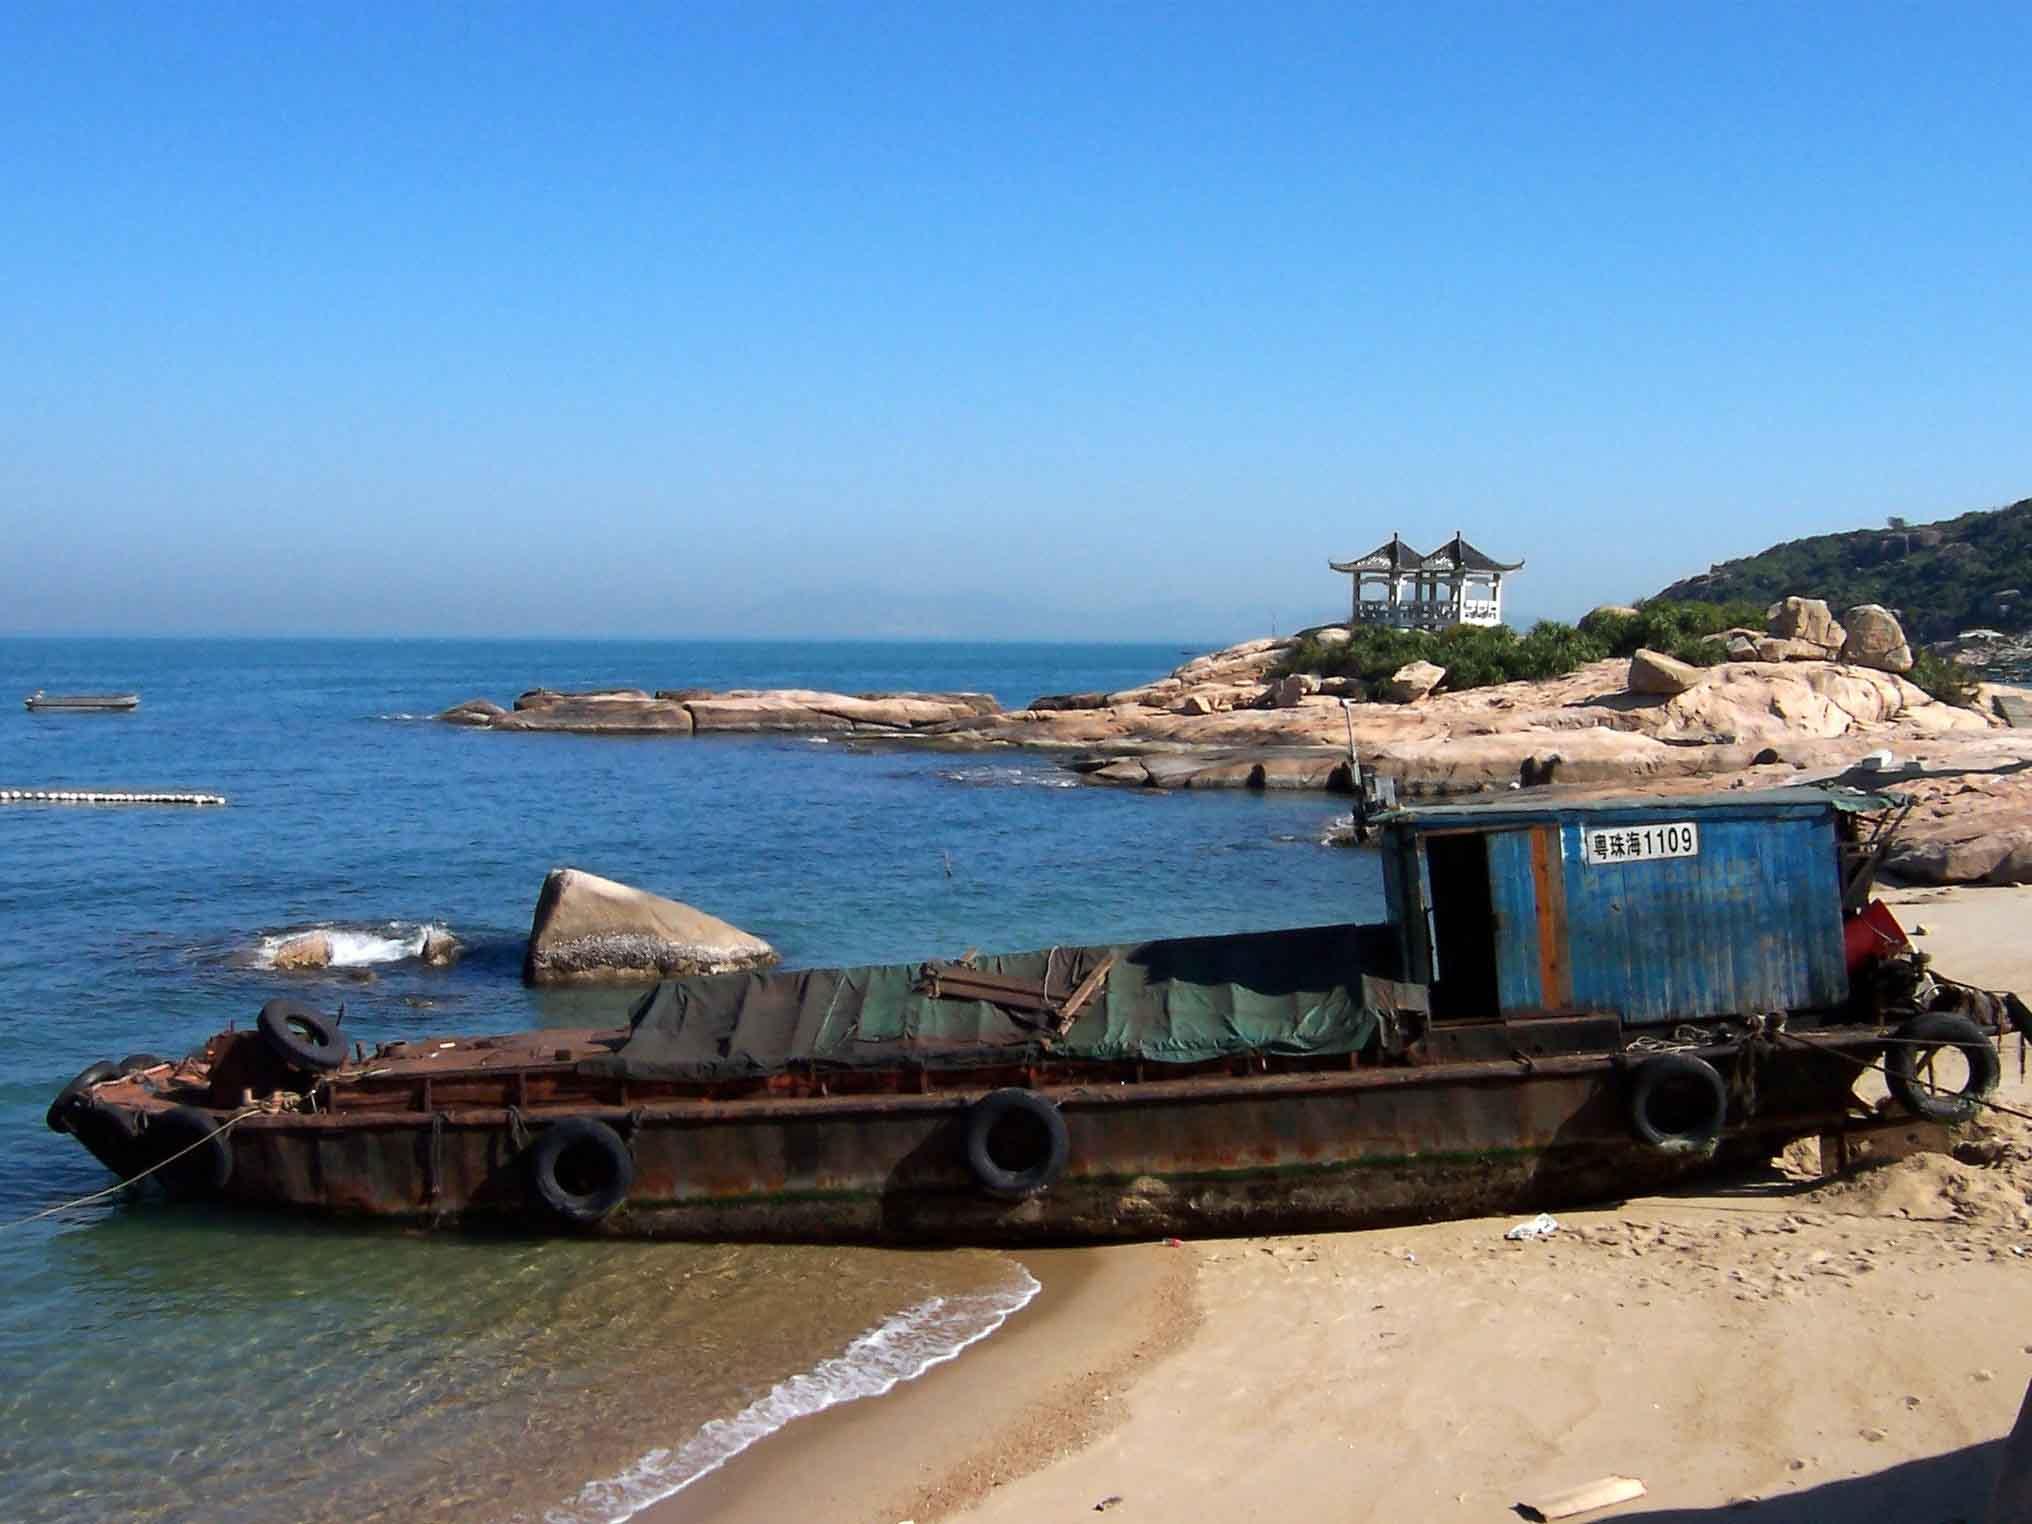 首页 旅游景点大全 亚洲 中国 广东 珠海